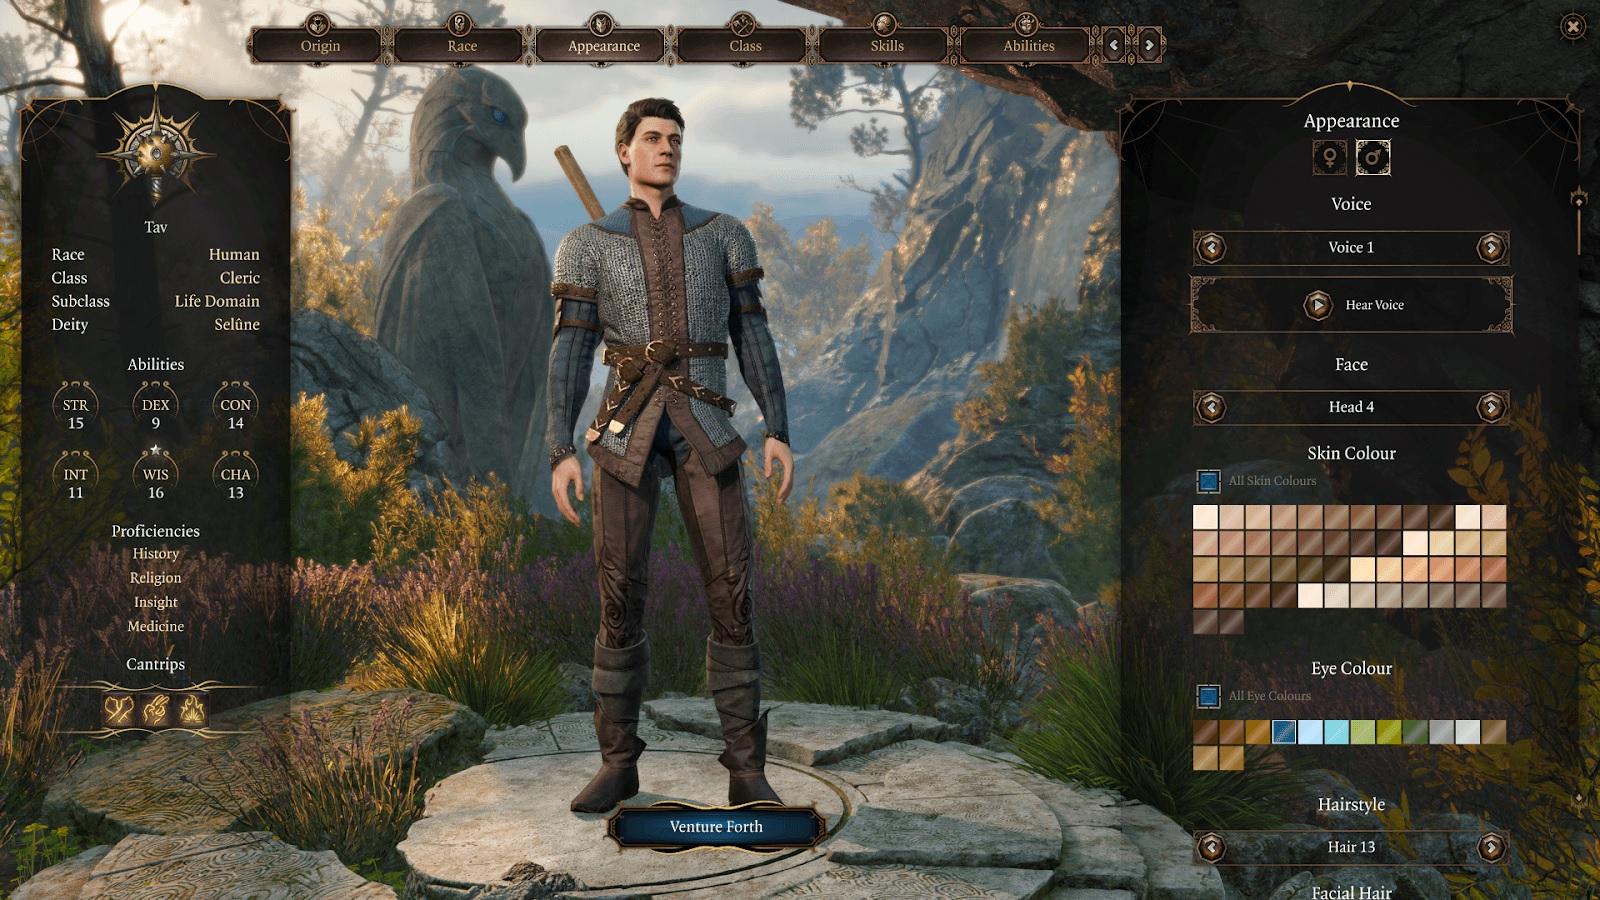 Гра має широкі можливості кастомізації персонажа